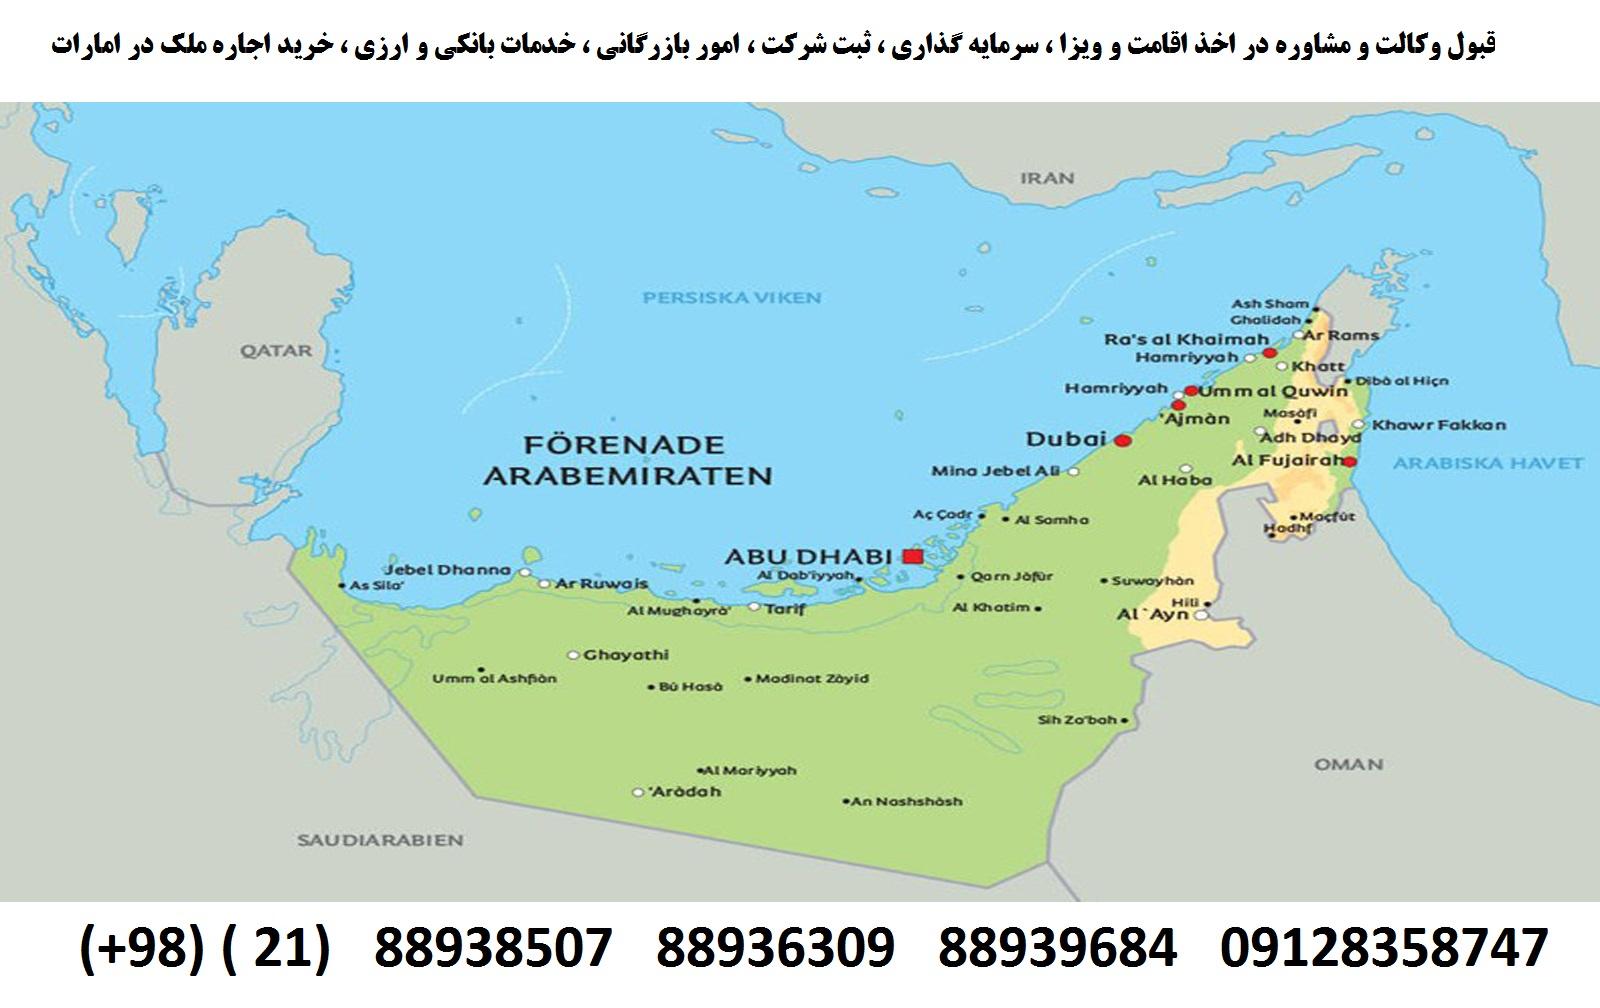 اقامت ، ثبت شرکت ، سرمایه گذاری ، خرید ملک در امارات و دبی (2)